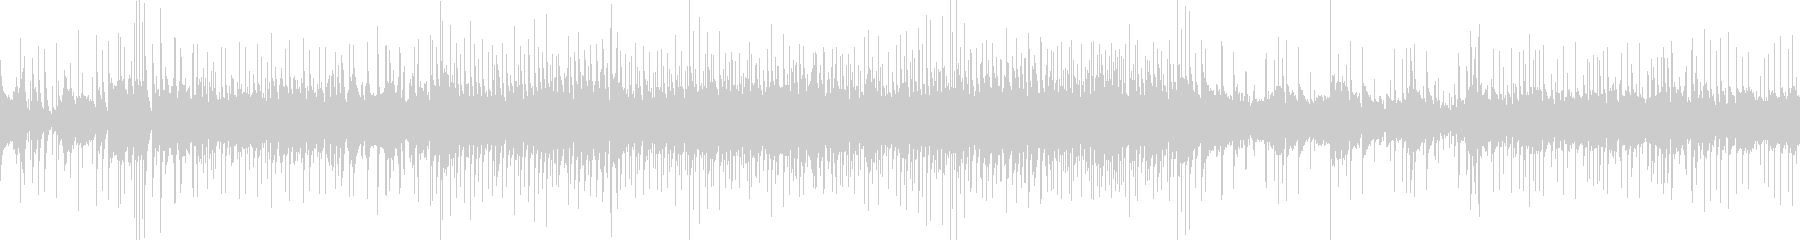 【ループ仕様】ピアノ中心のクールなジャズの未再生の波形